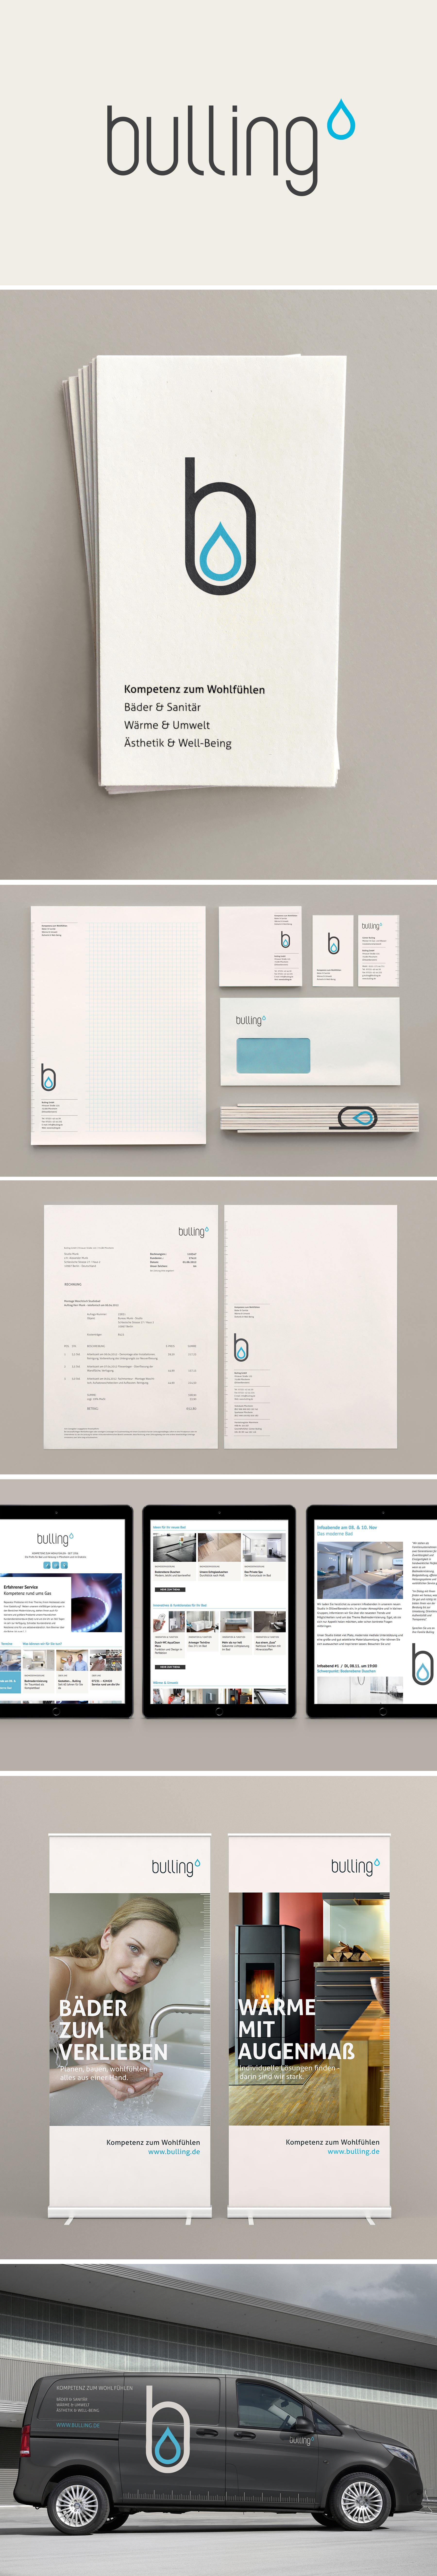 Communication strategy, identity design, and webdesign for a German bathroom interior specialist / Logo, signet, vintage, natural, fresh, modern, minimal, elegant / by http://alexandermunk.com___________ Unternehmsberatung, Design, Erscheinungsbild, Geschäftsausstattung und Webseite für eine Heizungs- und Sanitärbetrieb (SHK) / Badezimmer Spezialisten / natürlich, frisch, klassisch, elegant, designorientiert, minmalistisch, professionell ___________ Design: http://alexandermunk.com